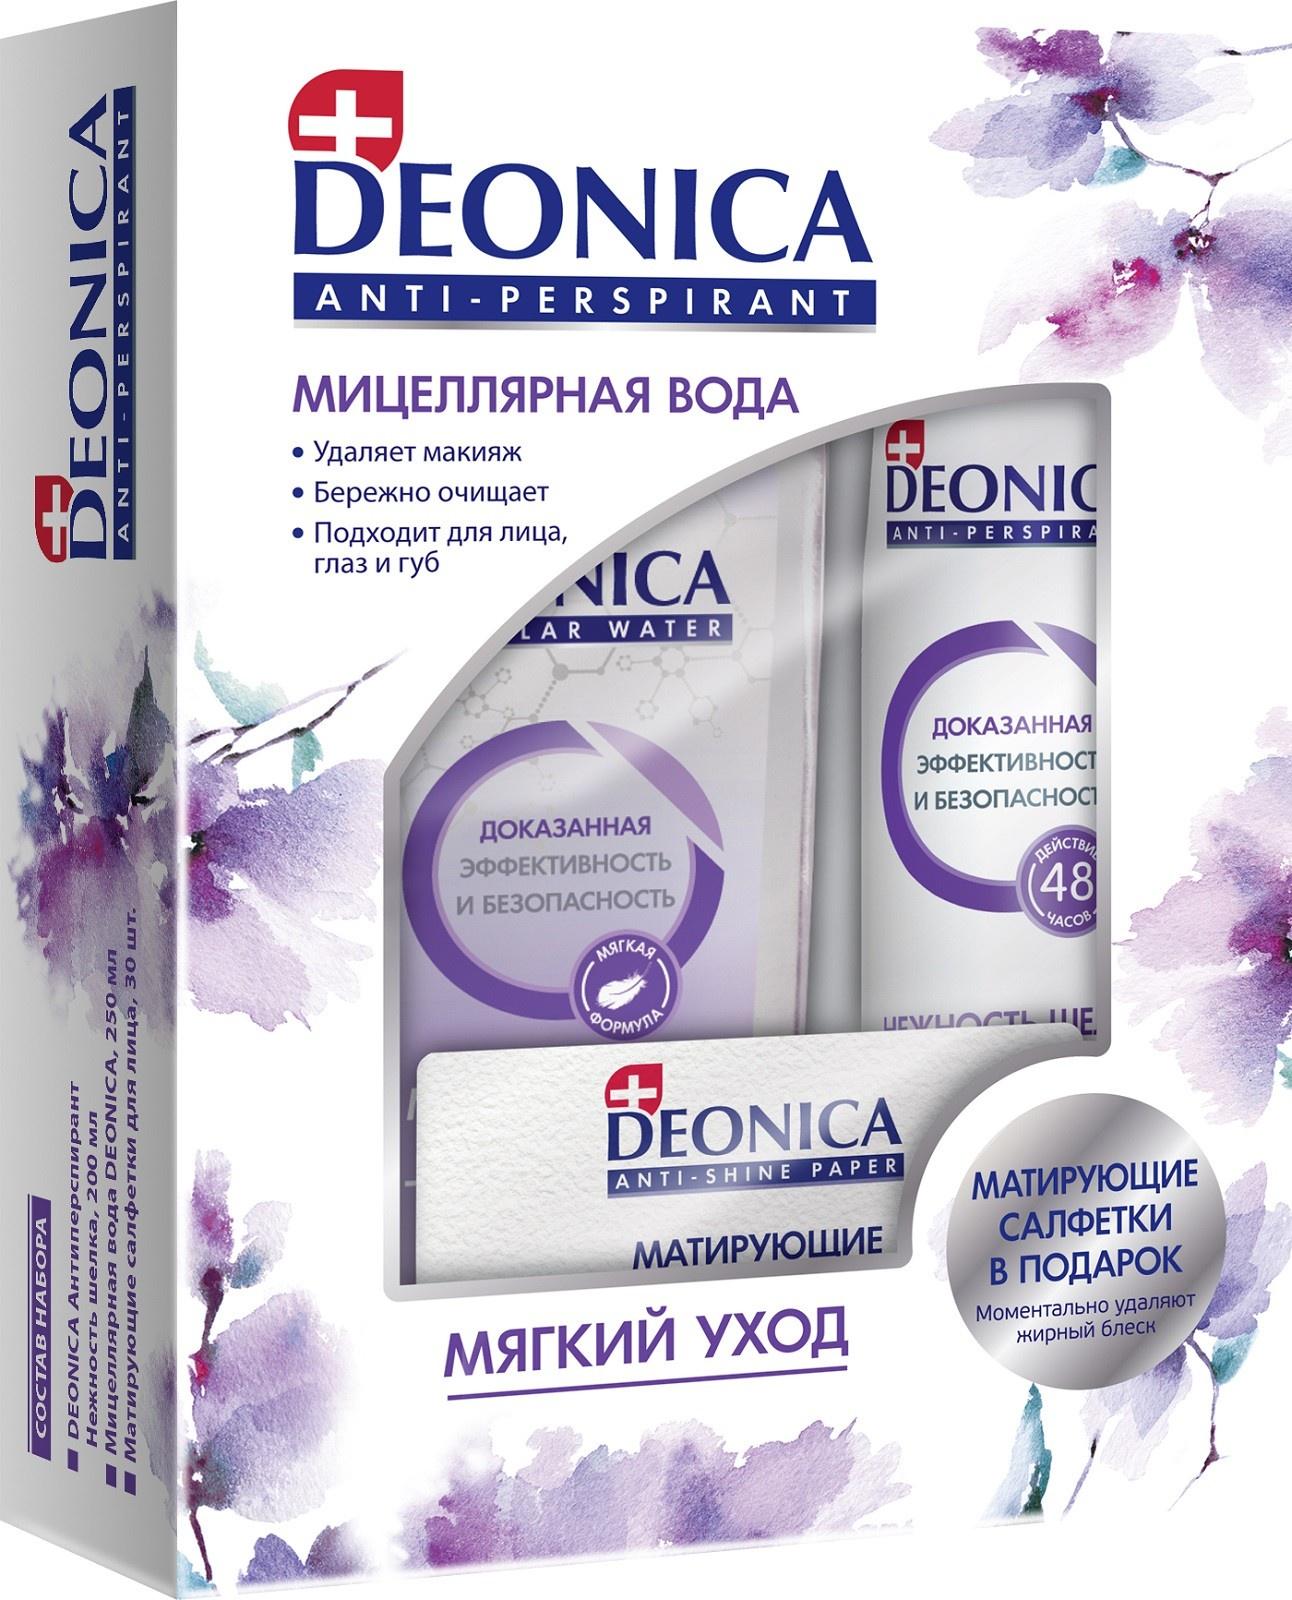 Подарочный набор Deonica